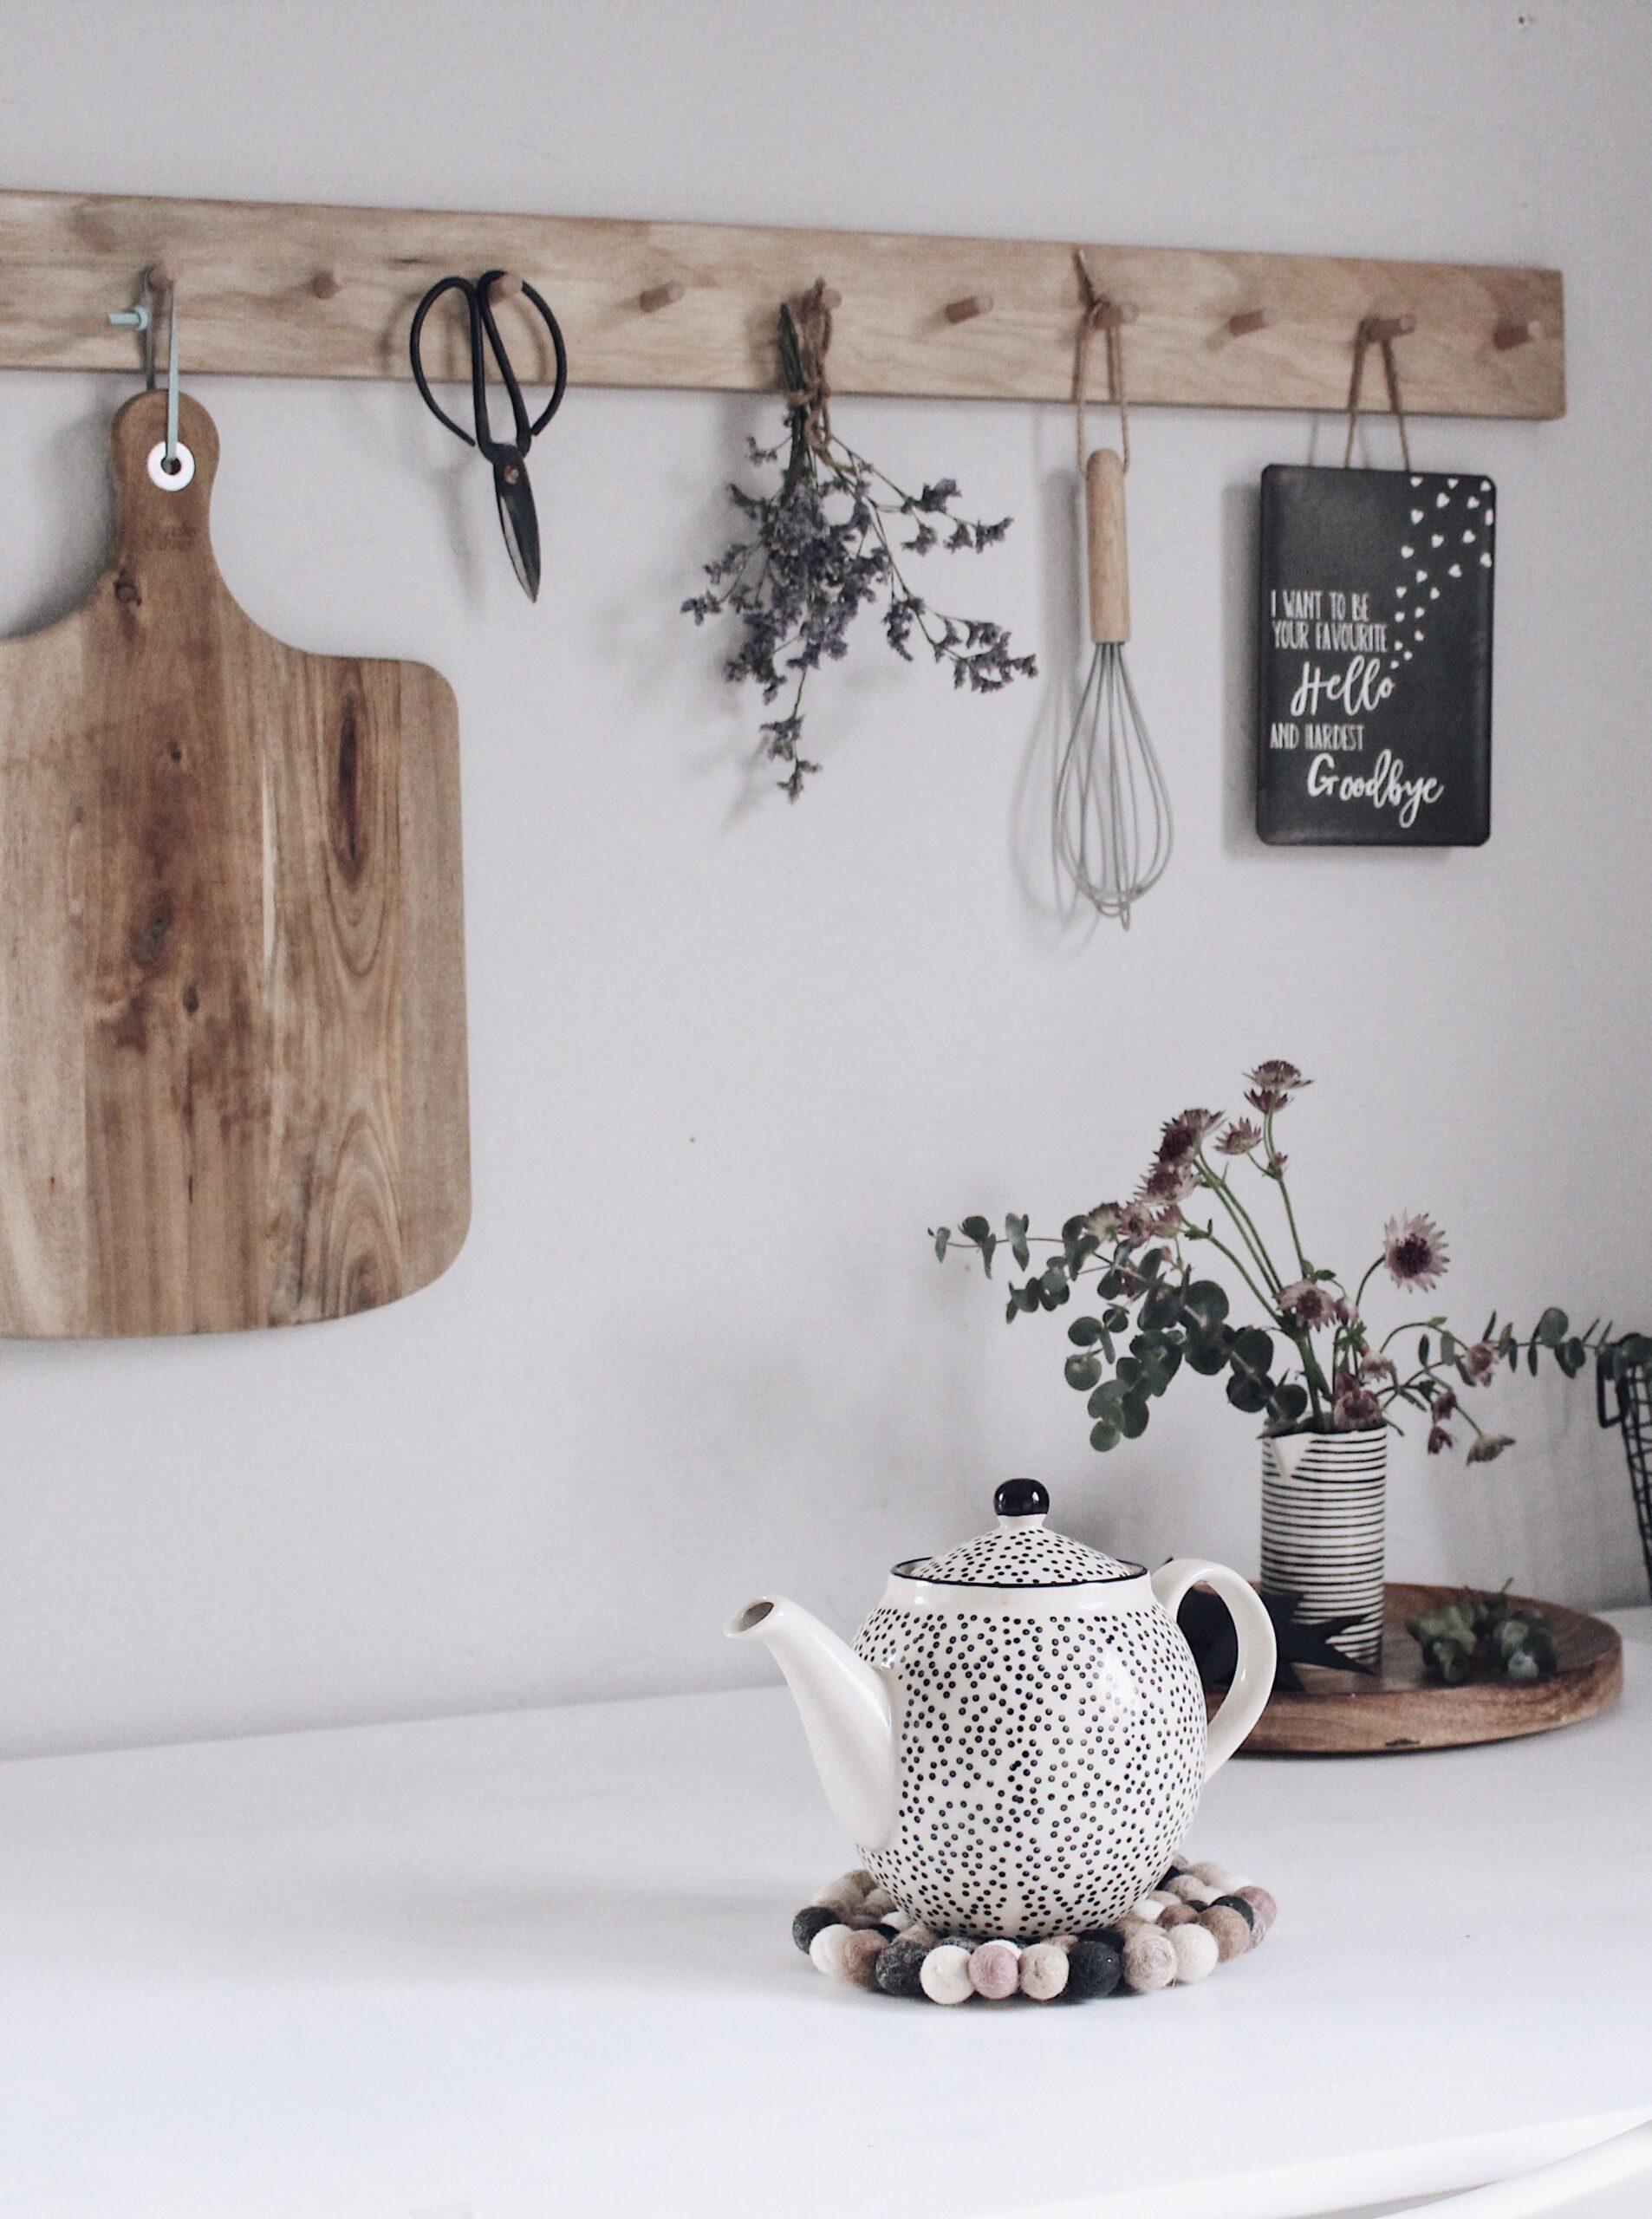 Full Size of Wandregal Holz Küche Singleküche Edelstahlküche Gebraucht Einbauküche Mit Elektrogeräten Sofa Holzfüßen Holztisch Garten Bodenbeläge Sideboard Billig Wohnzimmer Wandregal Holz Küche